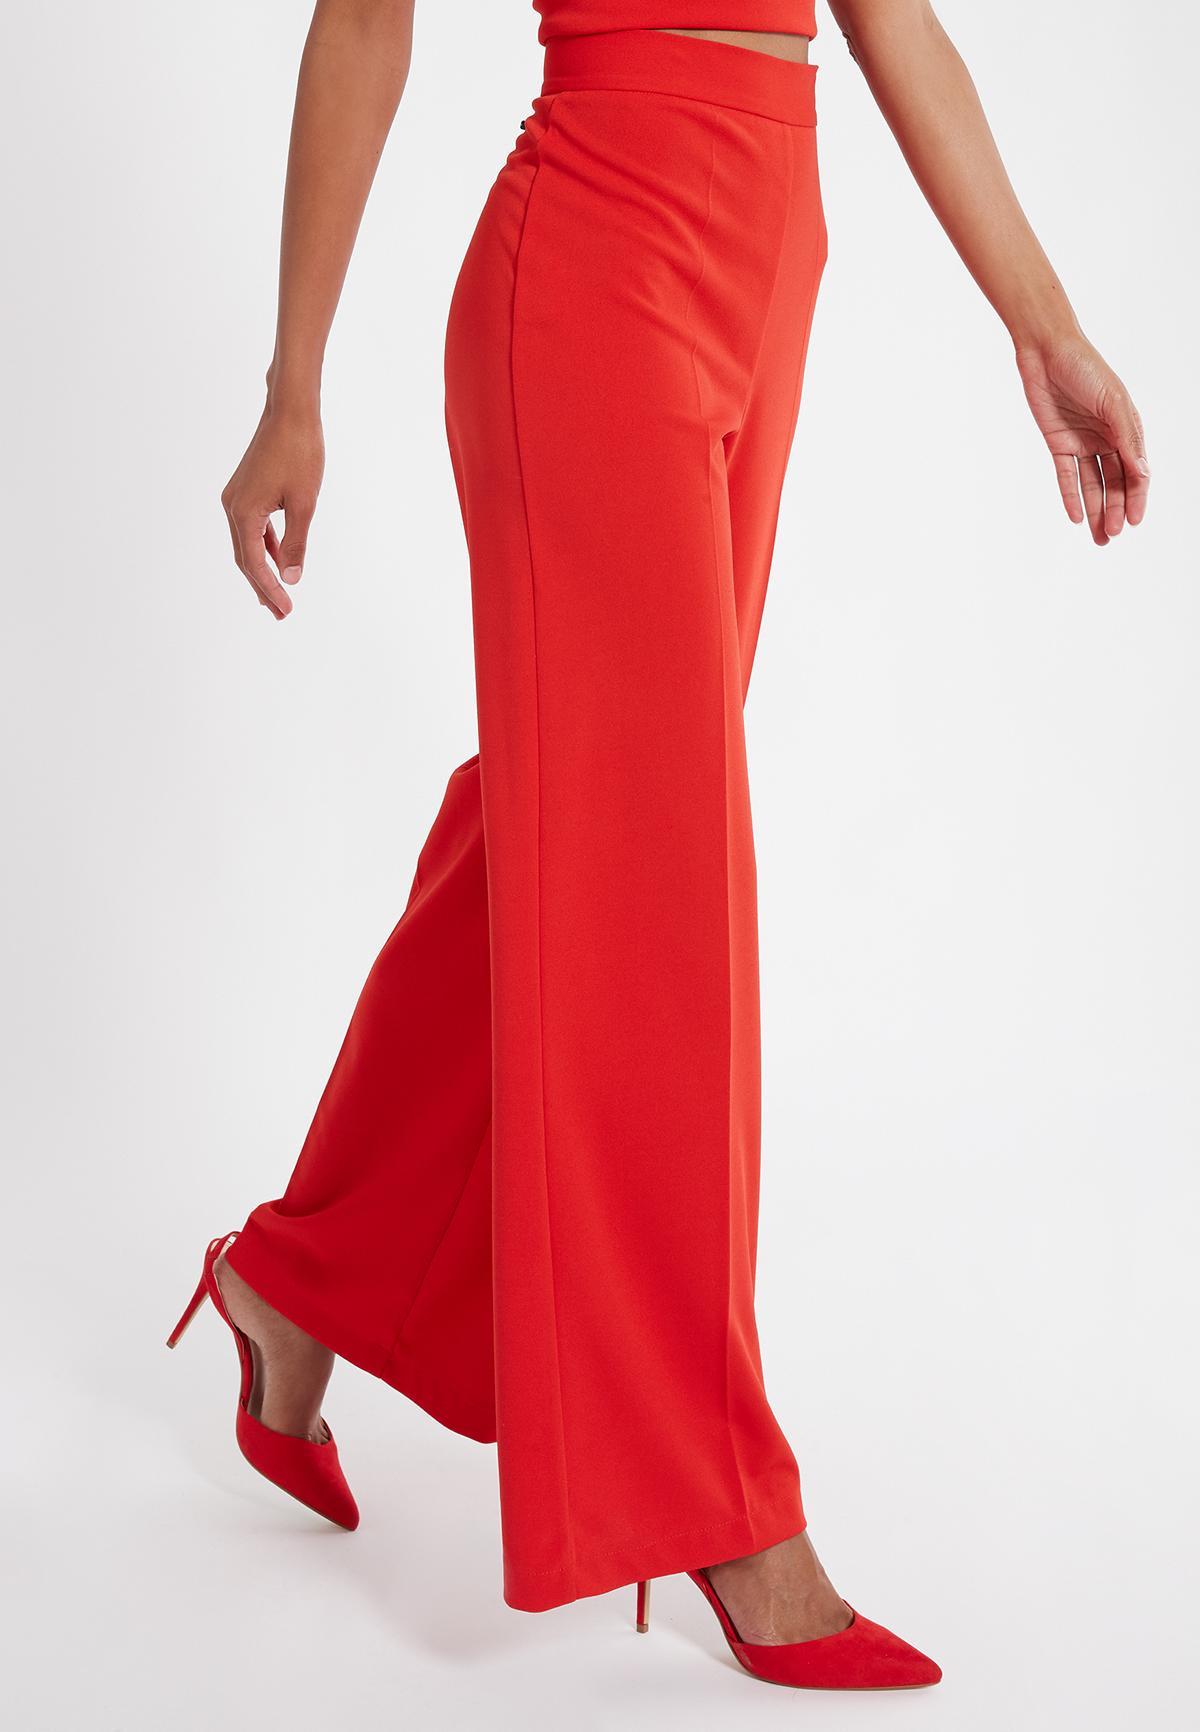 Vorderansicht von Ana Alcazar Weite Hose Sazore Rot  angezogen an Model